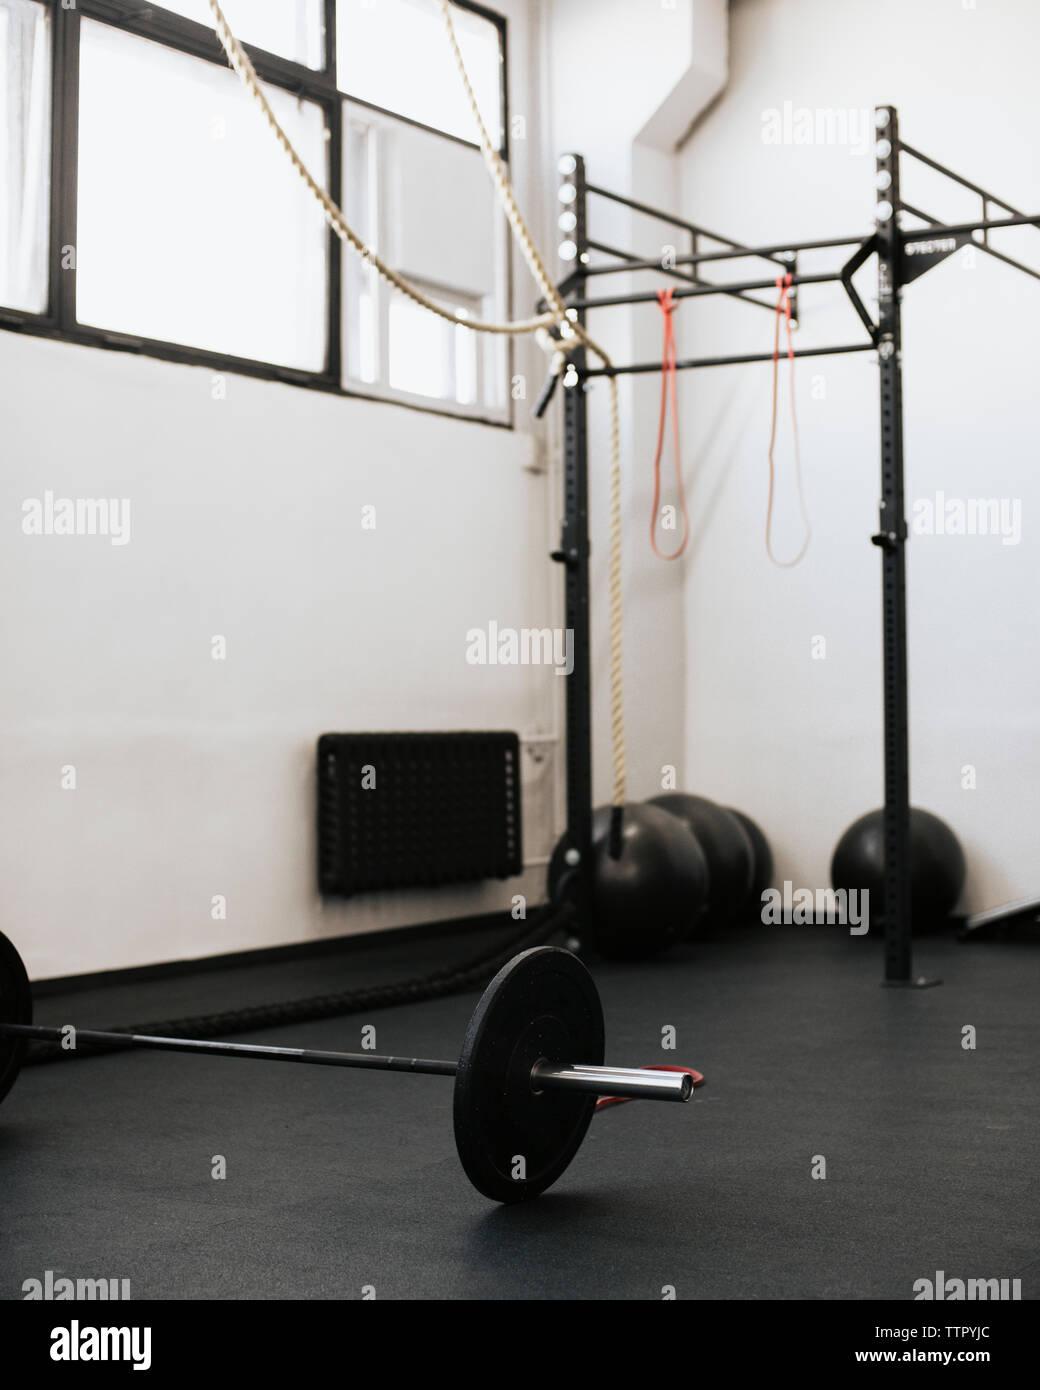 Equipo de ejercicio en el gimnasio en el piso Imagen De Stock